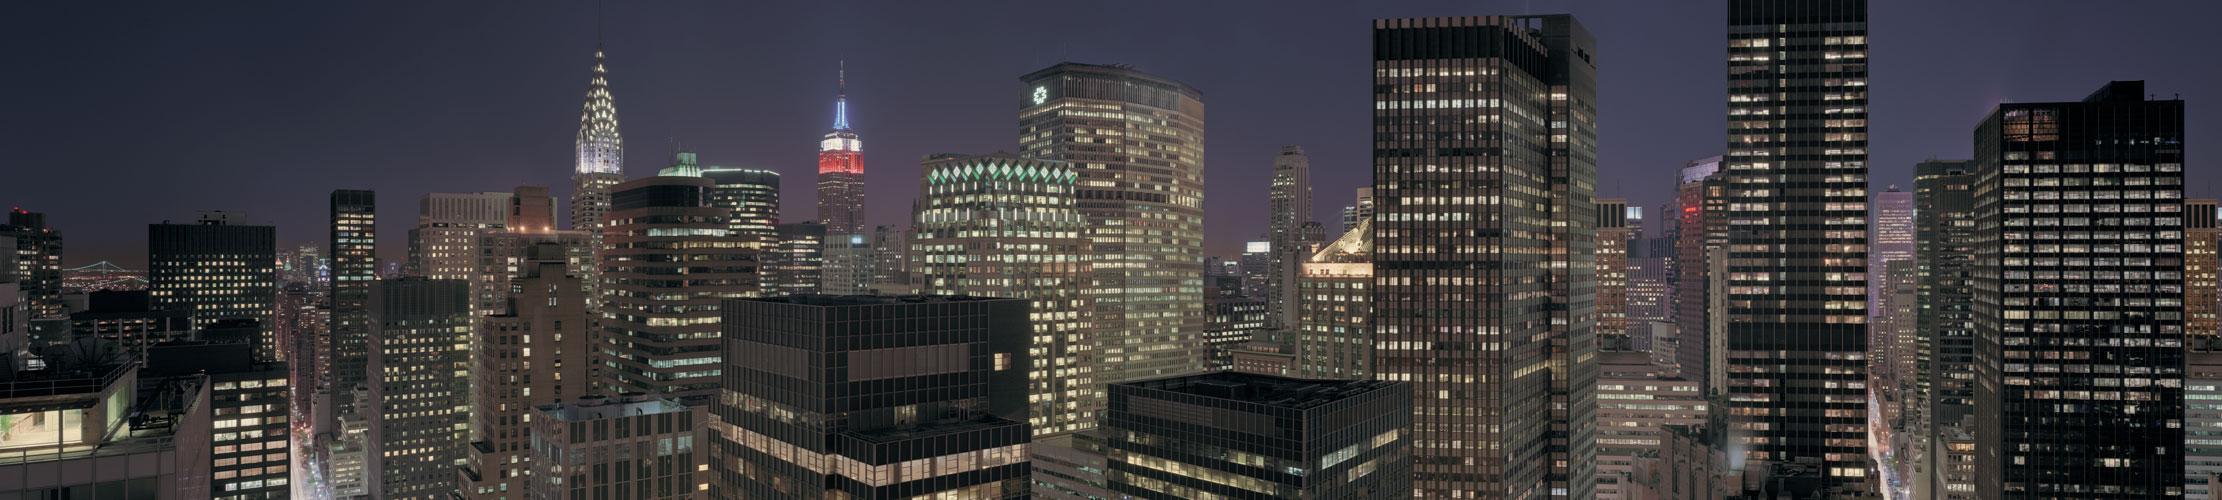 Manhattan Midtown at night, Maid in Manhattan translite, Richard Lund translite